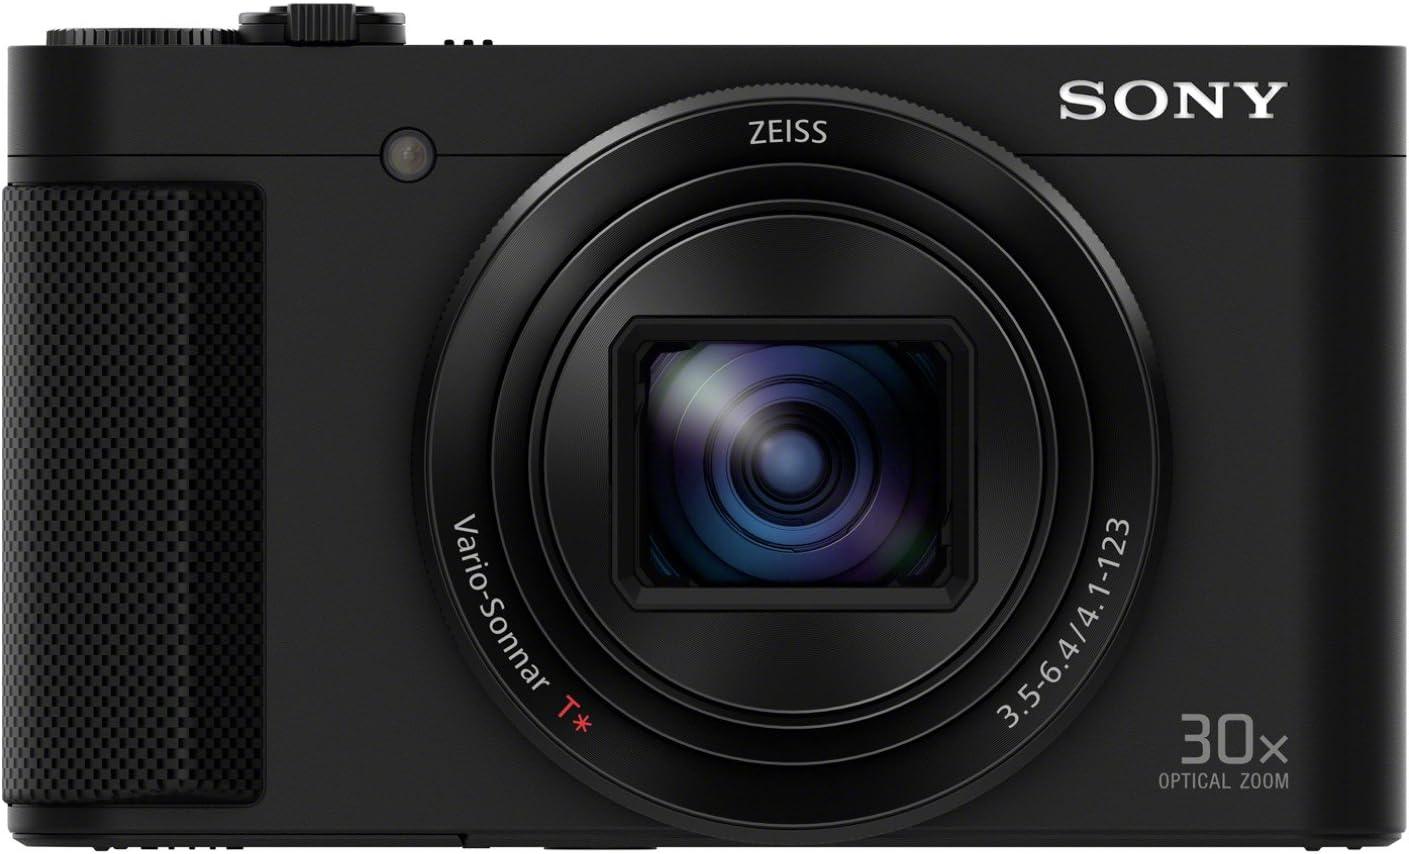 Sony DSC-HX90 Fotocamera Digitale Compatta Cyber-shot, Sensore CMOS Exmor R da 18,2 Megapixel, Zoom Ottico 30x, Nero